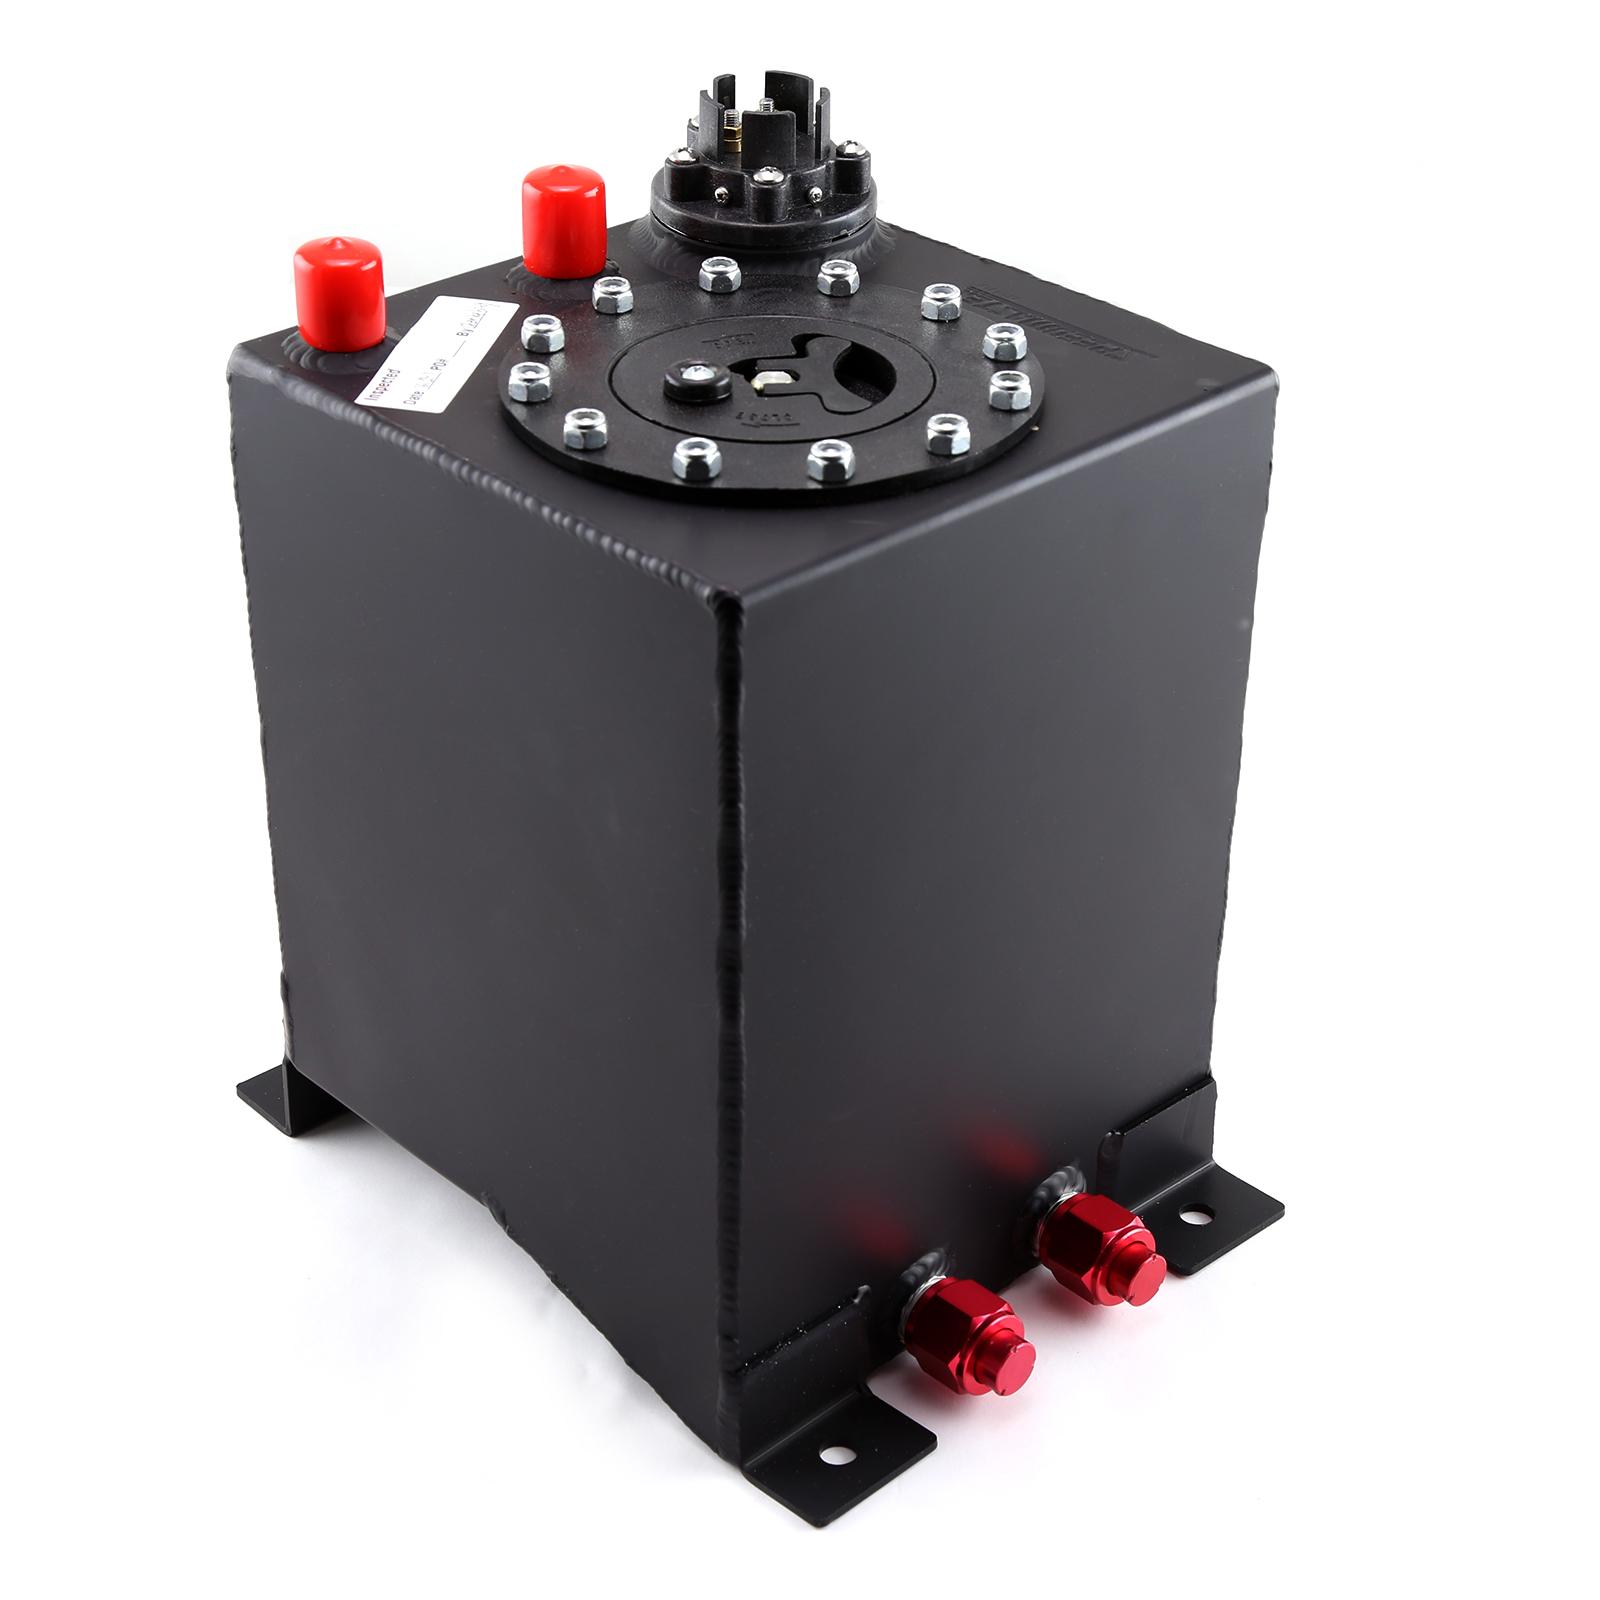 2.5 Gallon / 10 Litre Black Aluminum Fuel Cell w/Sending Unit